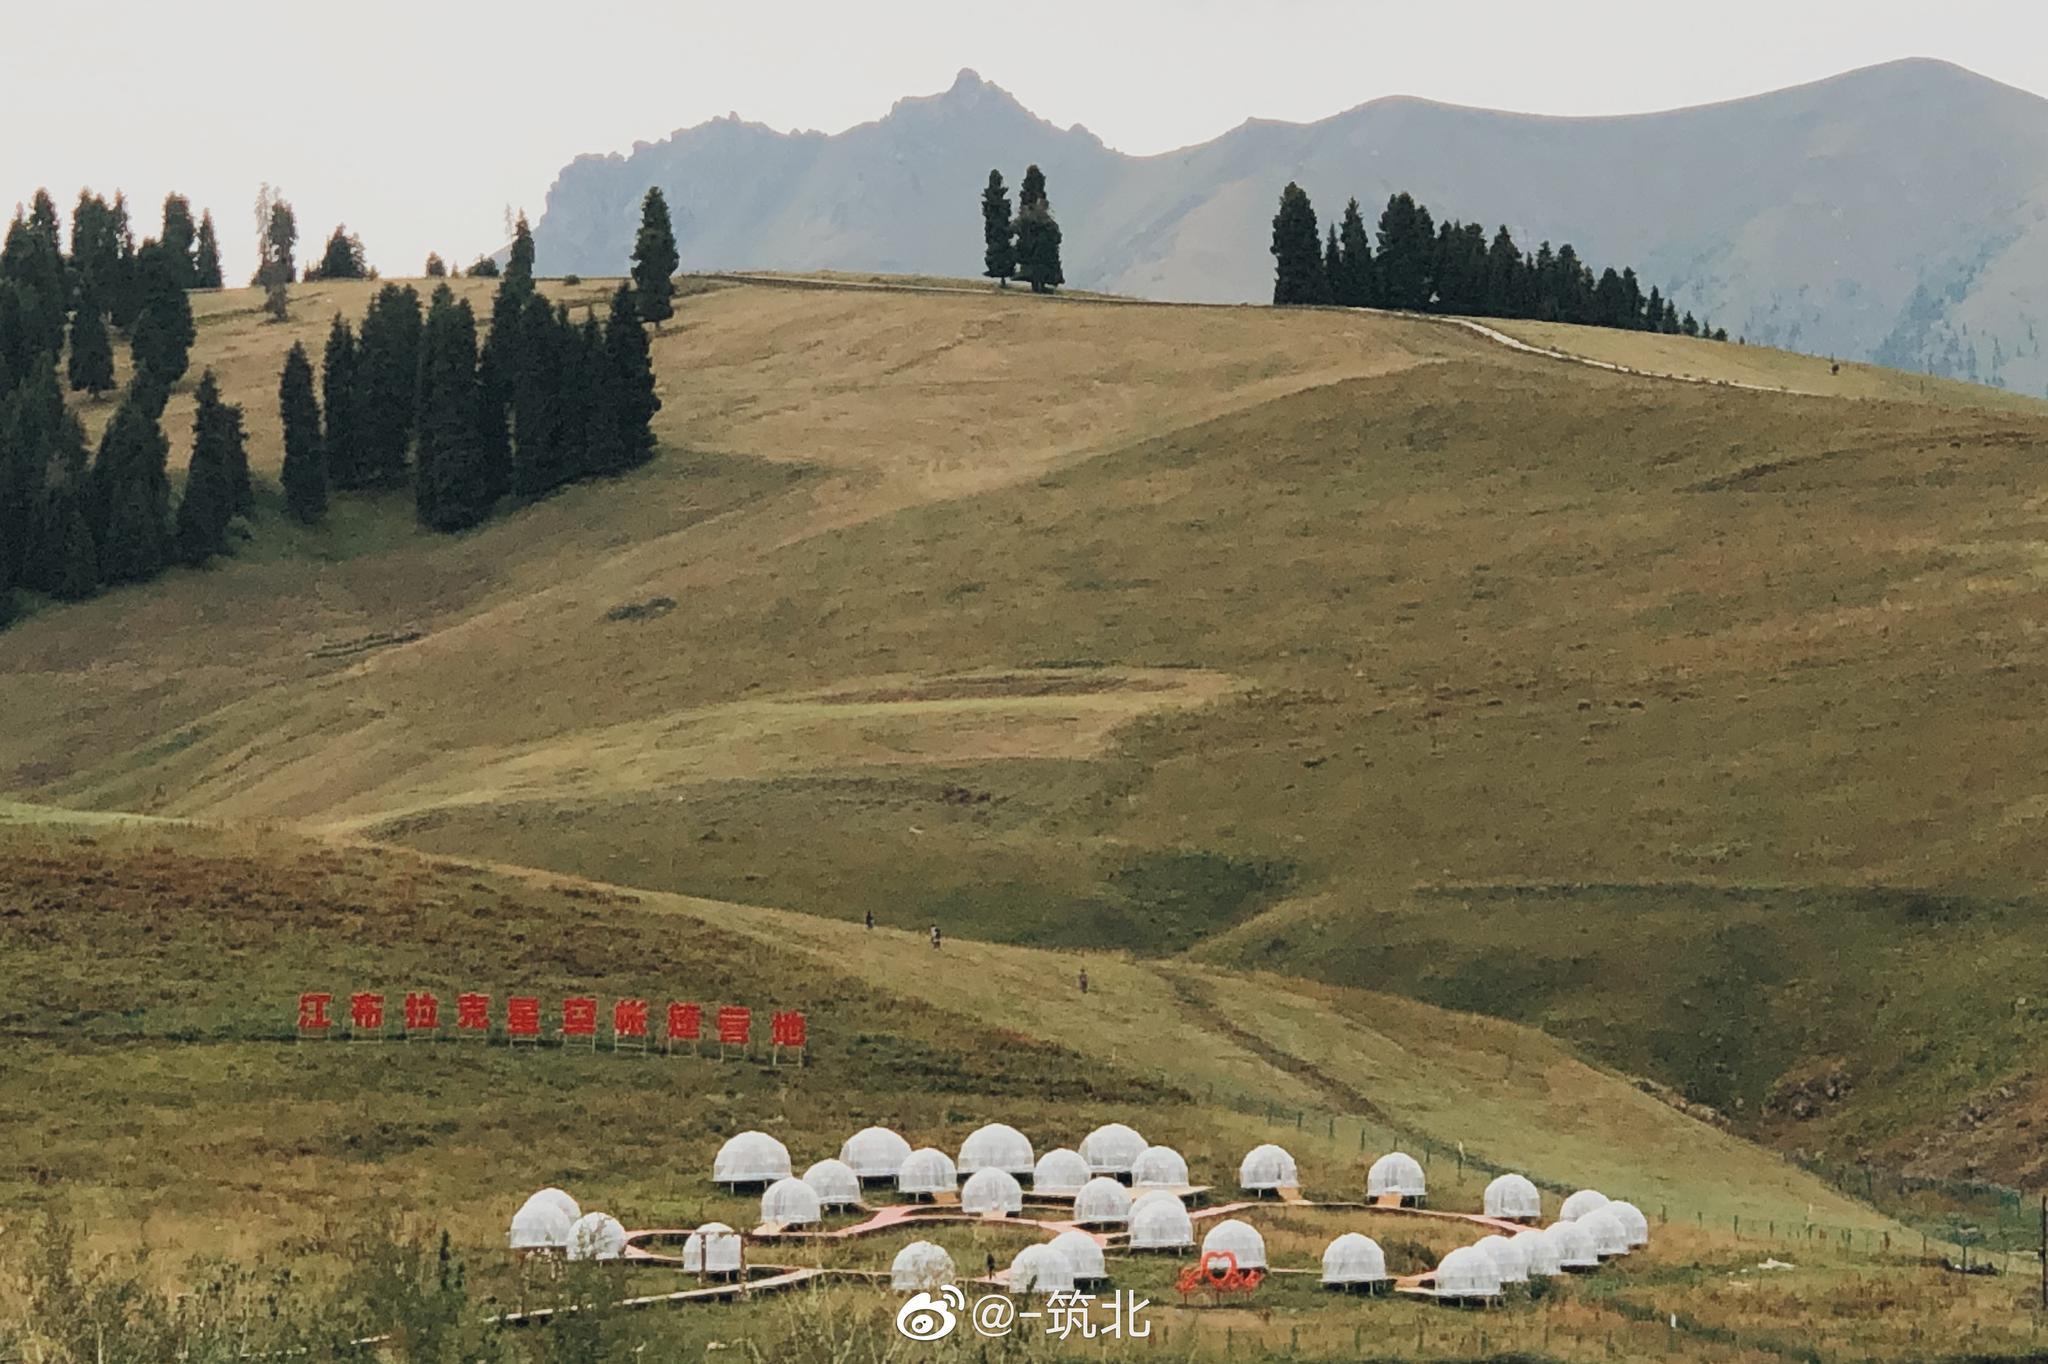 新疆旅拍顺利结束这里可真是一个好地方⛰️